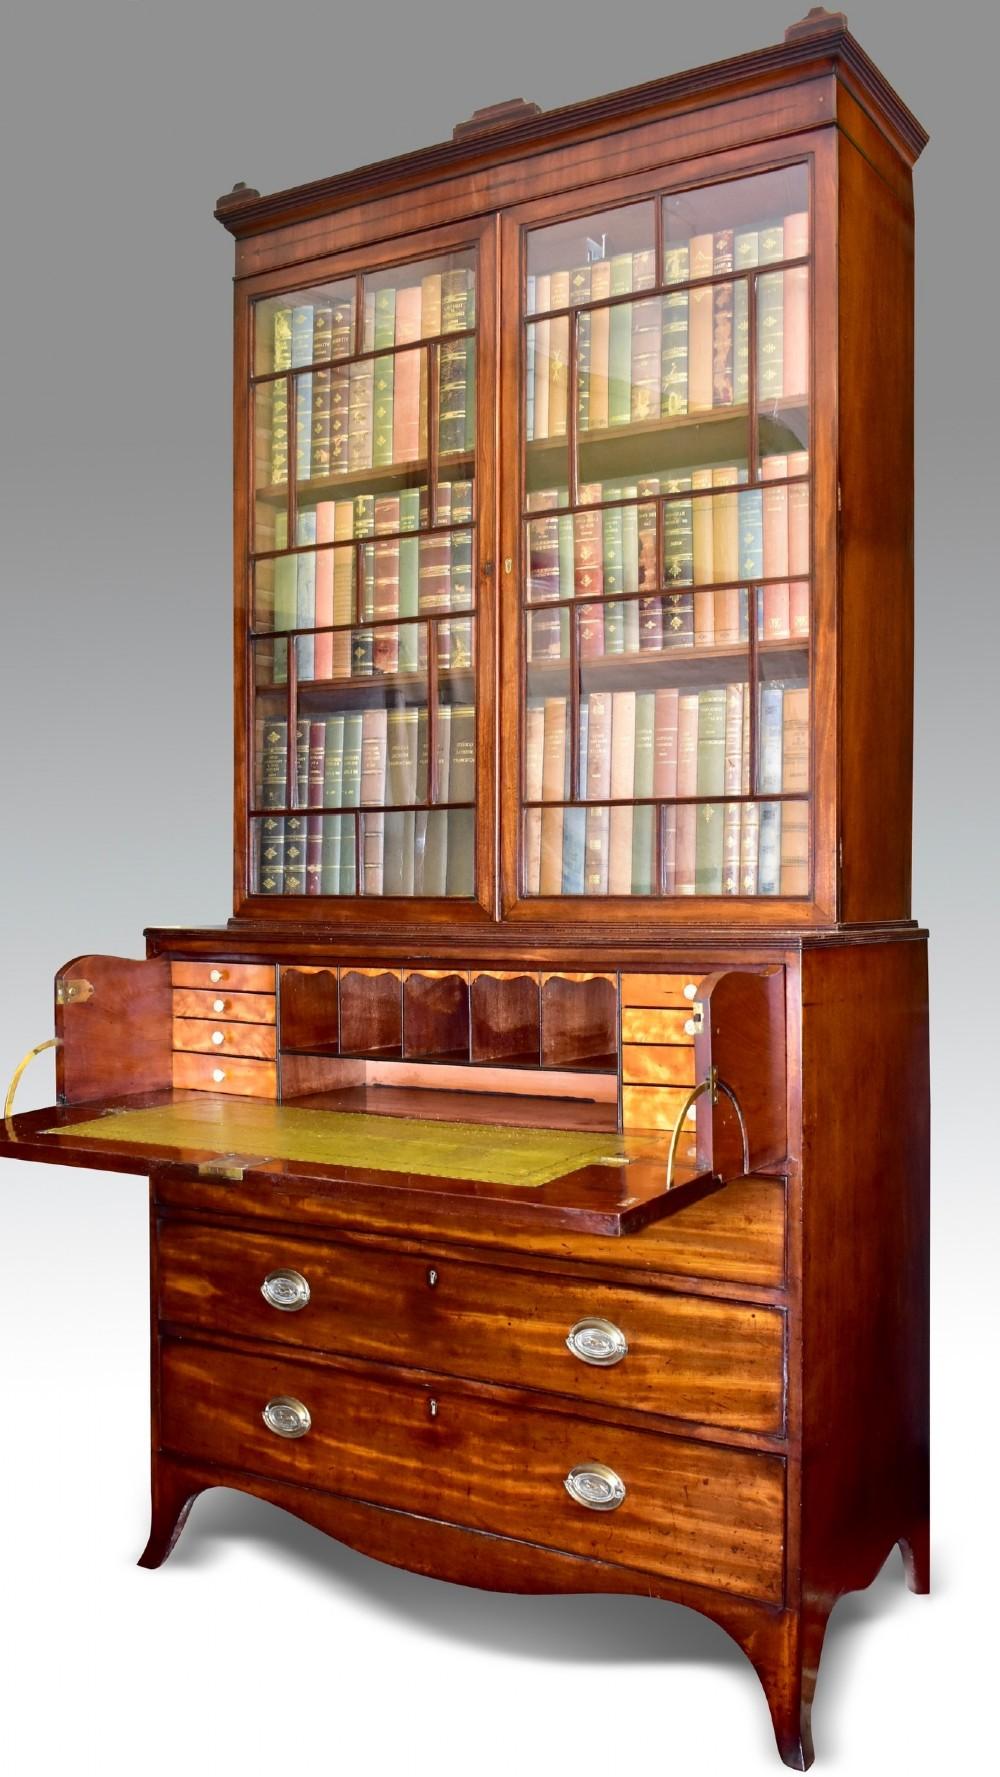 a fine regency mahogany ebony inlaid secretaire bookcase